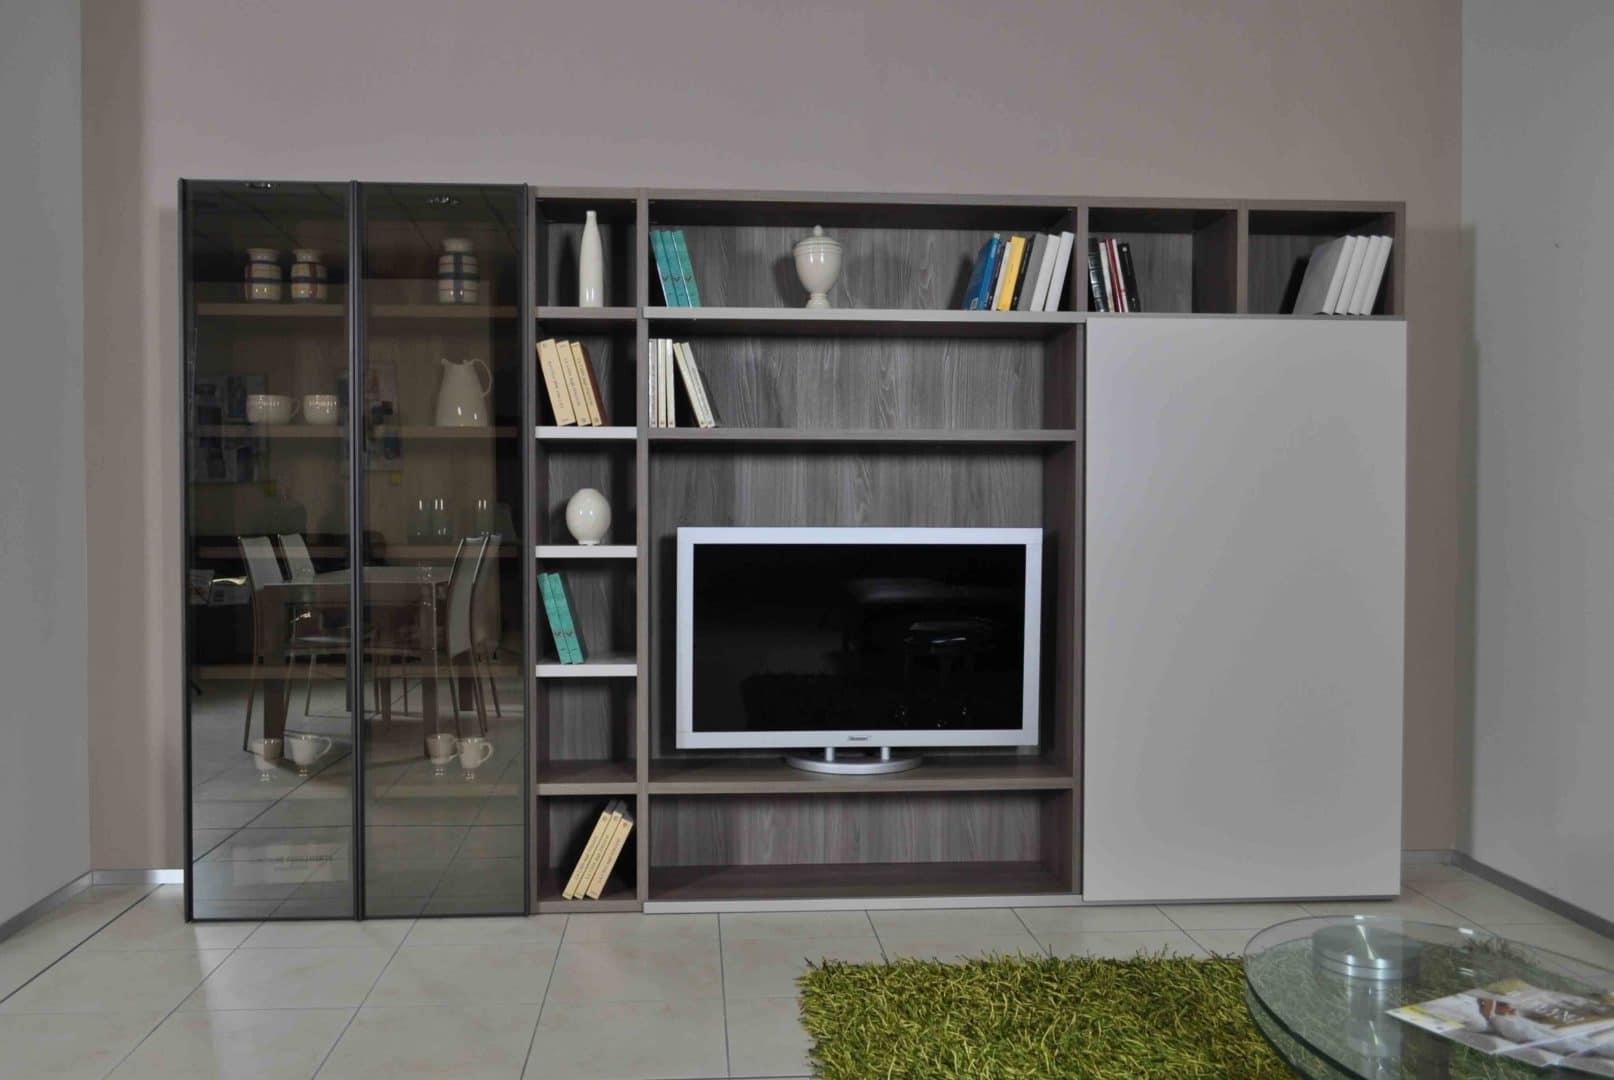 Arredamento zona giorno mobili soggiorno moderni - Mobili zona giorno moderni ...